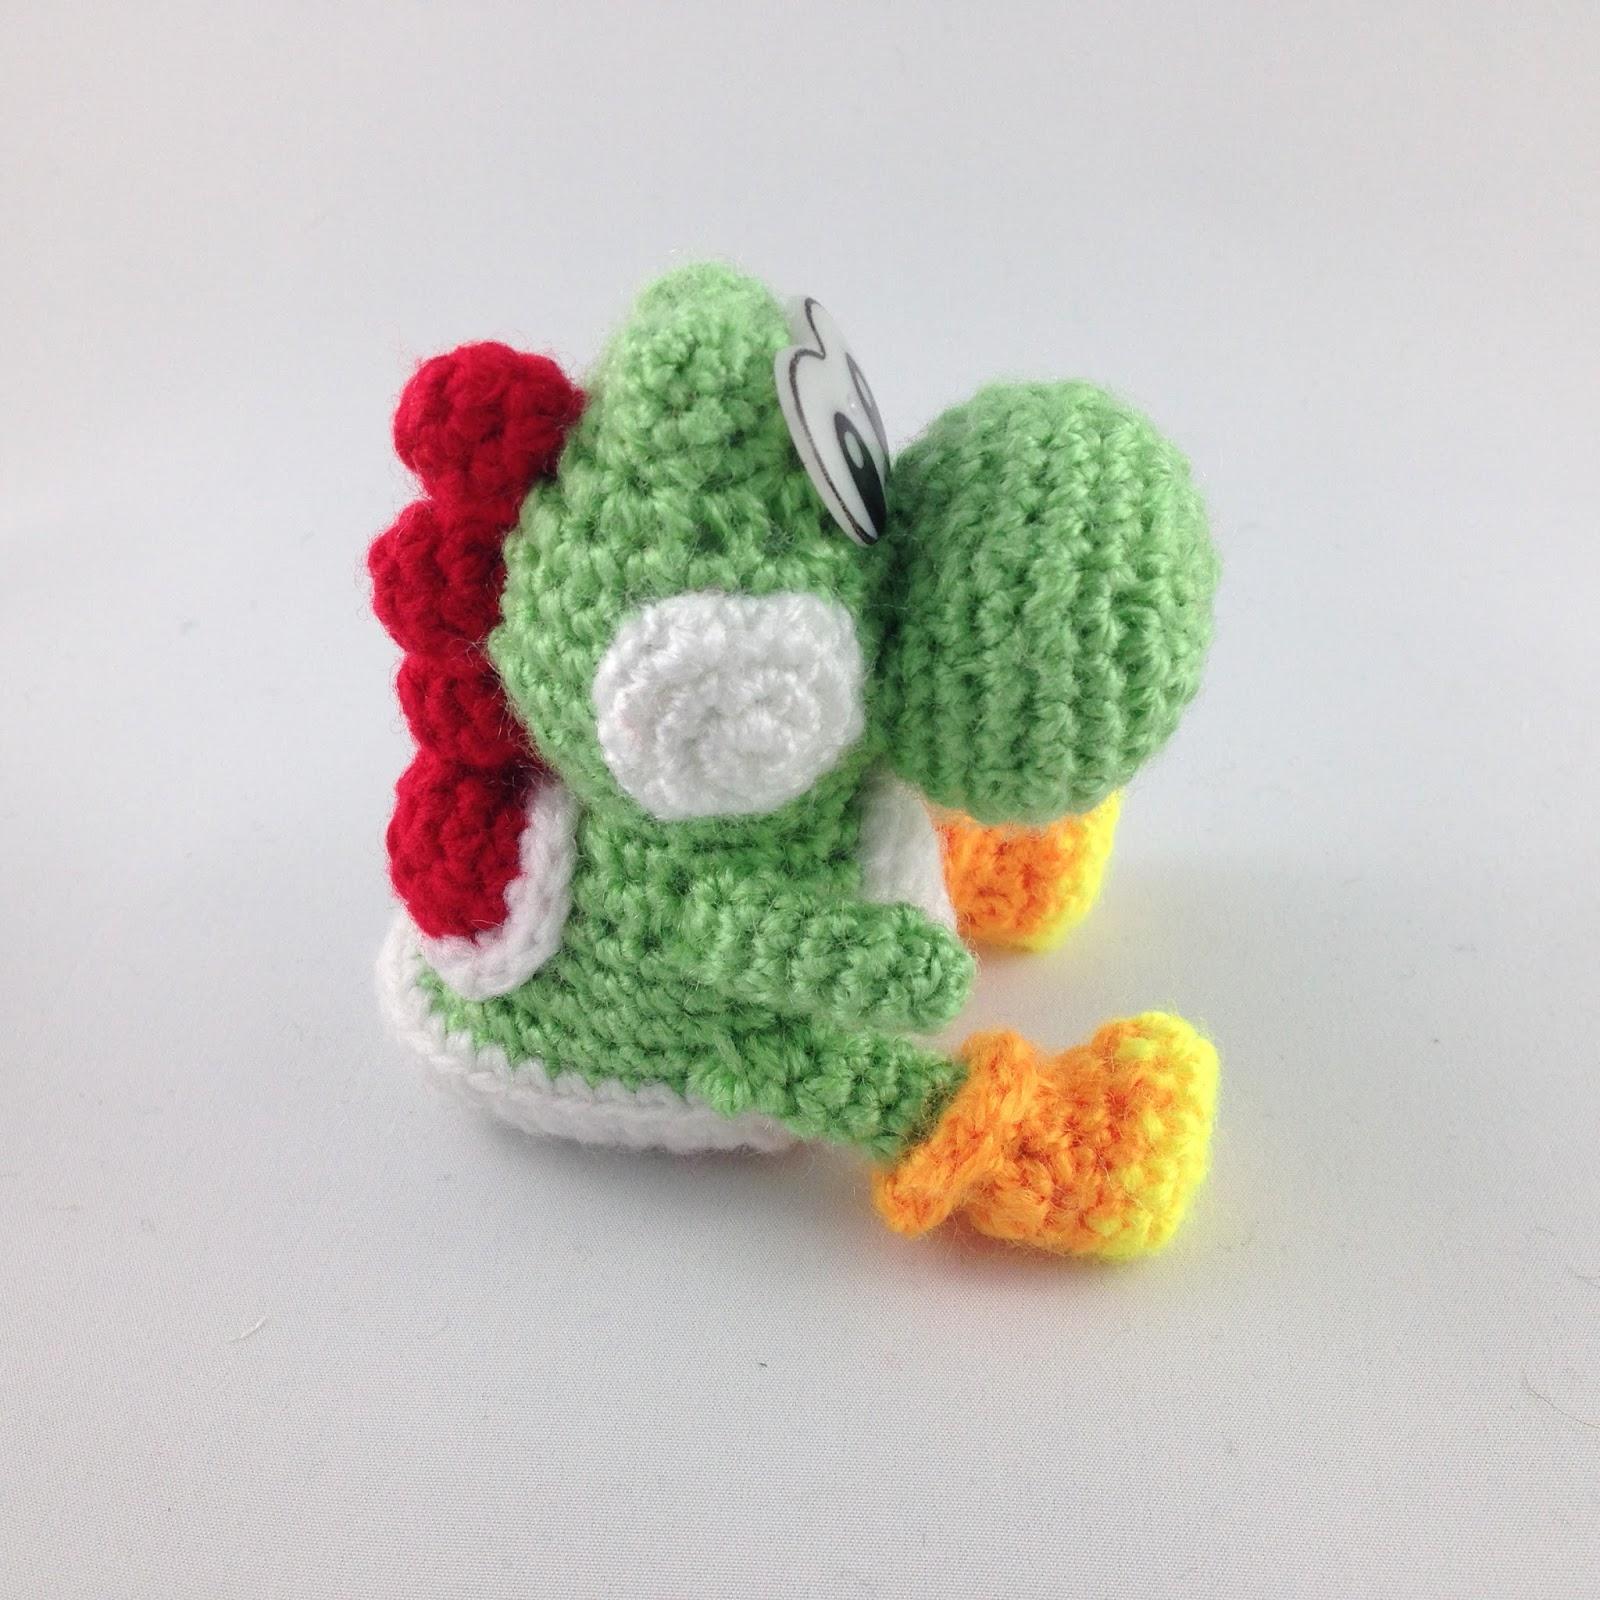 Sheep Crochet amigurumi : Wooly the Sheep Toy amigurumi lamb | Etsy | 1600x1600